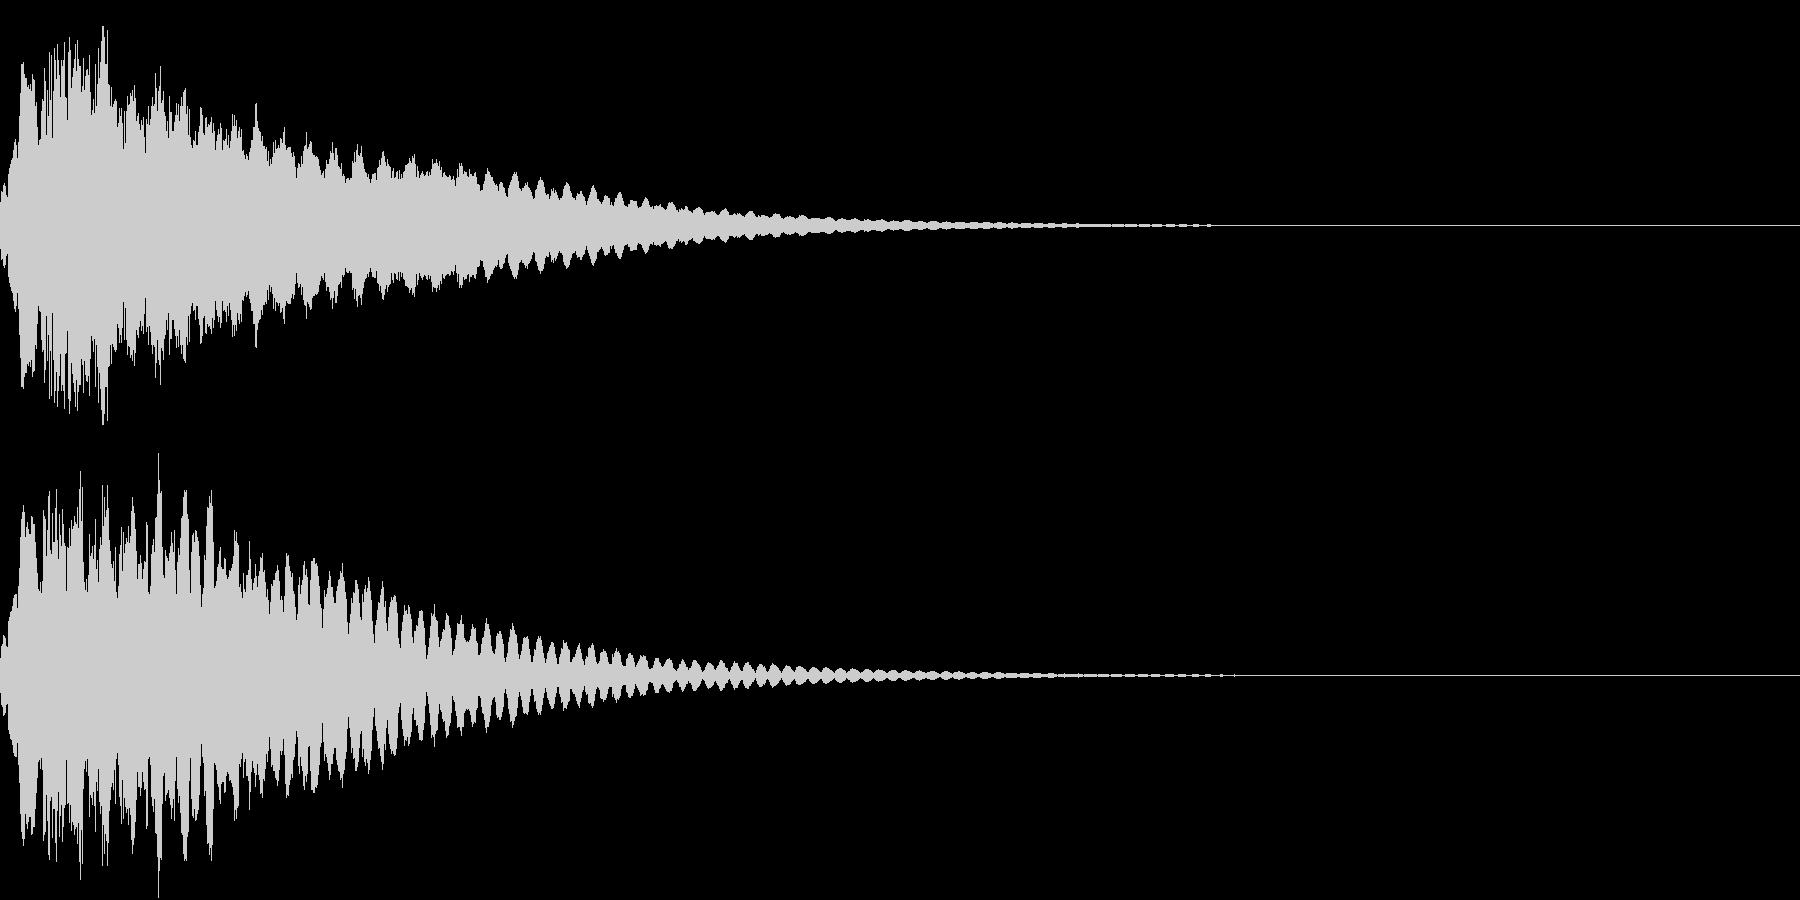 キュイン ボタン ピキーン キーン 12の未再生の波形